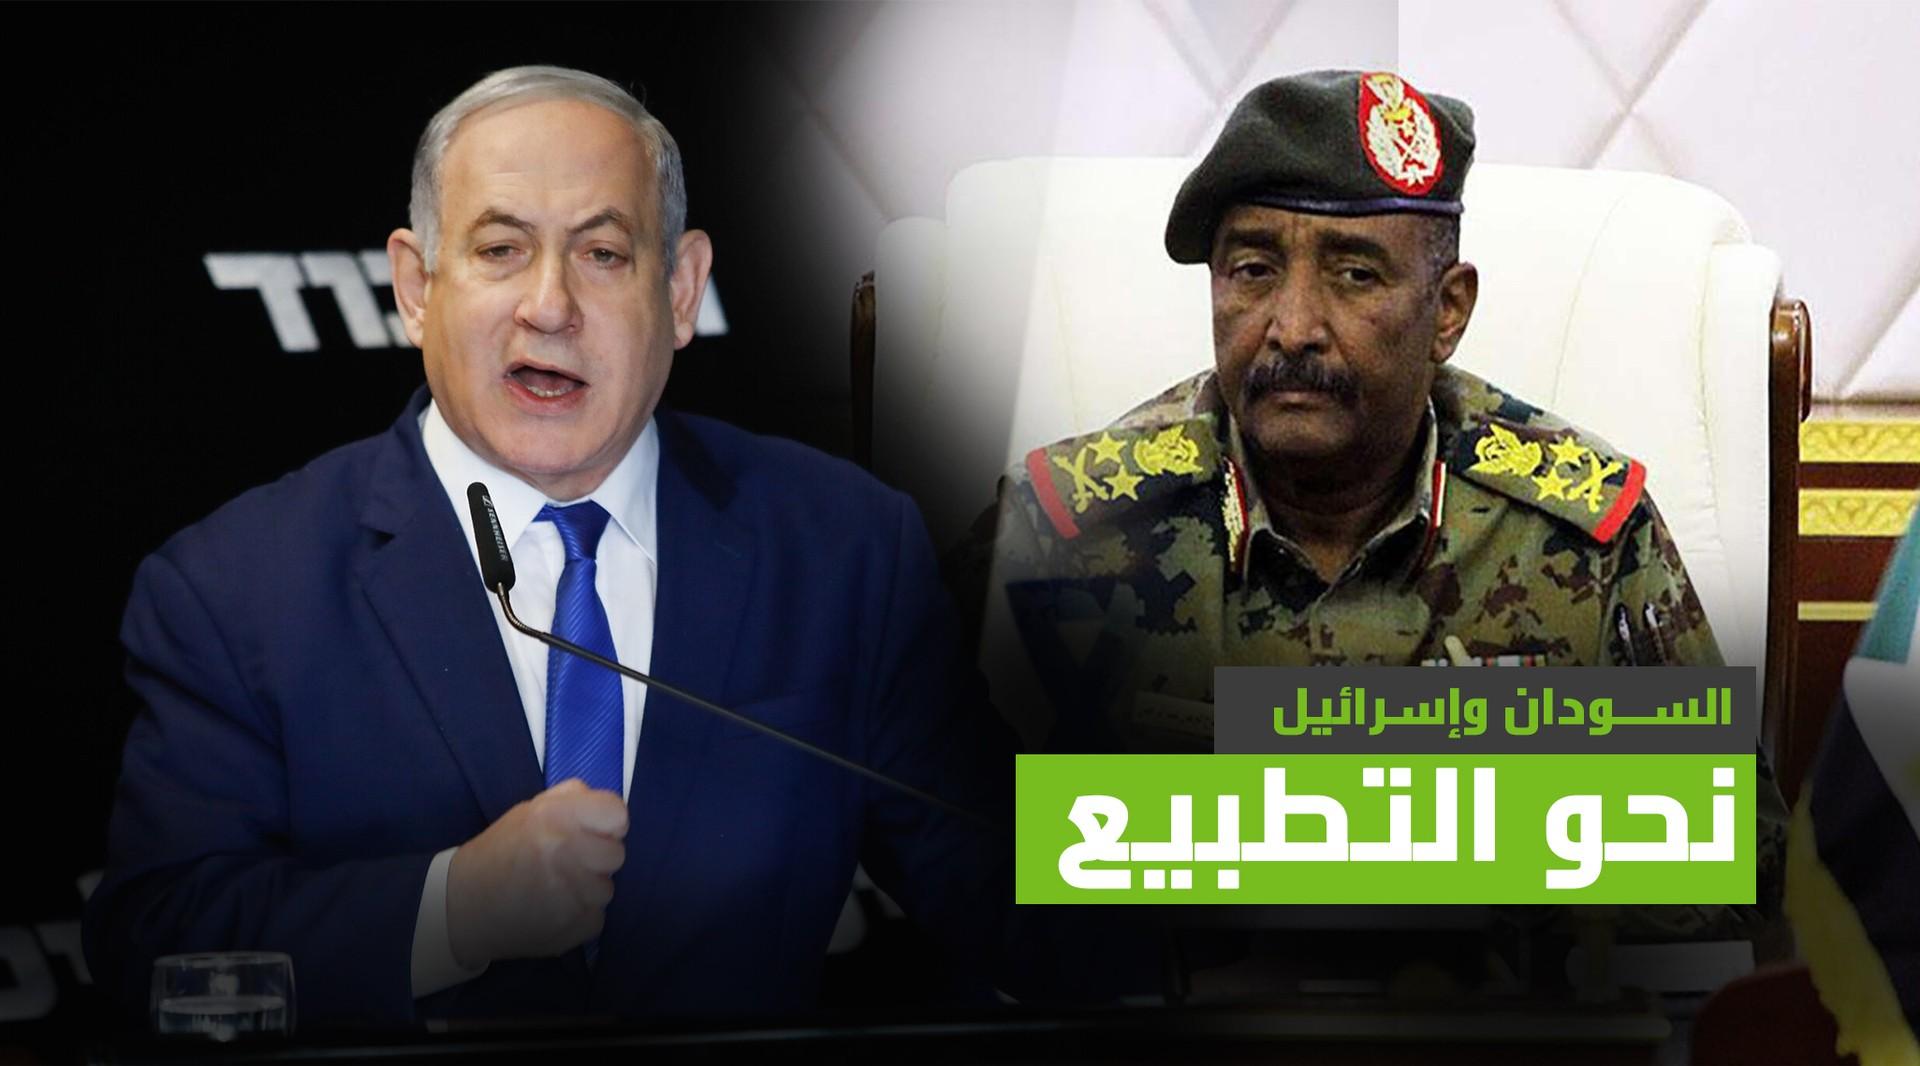 تطبيع العلاقات بين السودان وإسرائيل وأول تعليق رسمي للرئيس السيسي 2